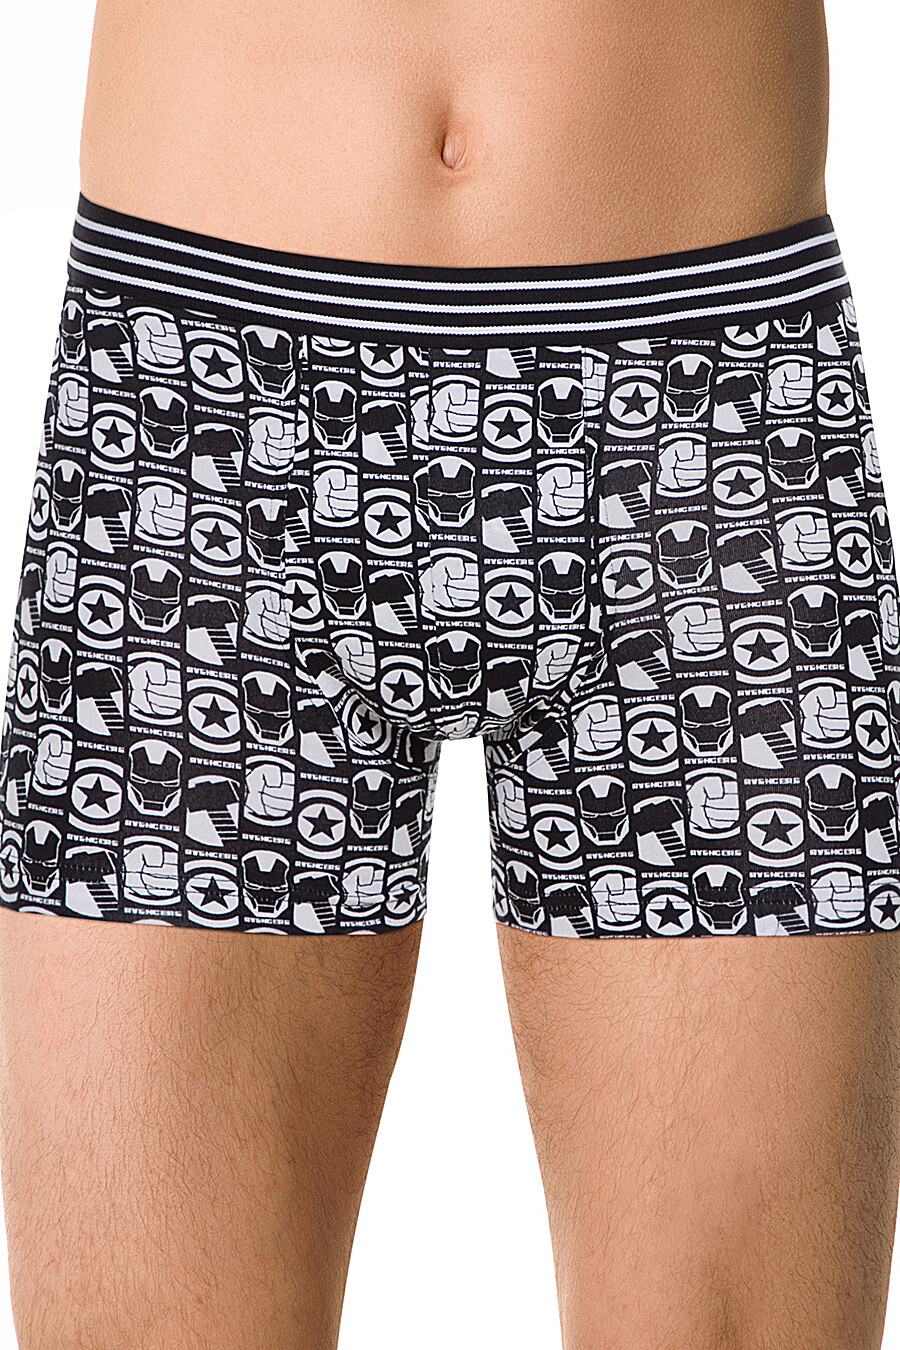 Трусы для мужчин DIWARI 165494 купить оптом от производителя. Совместная покупка мужской одежды в OptMoyo